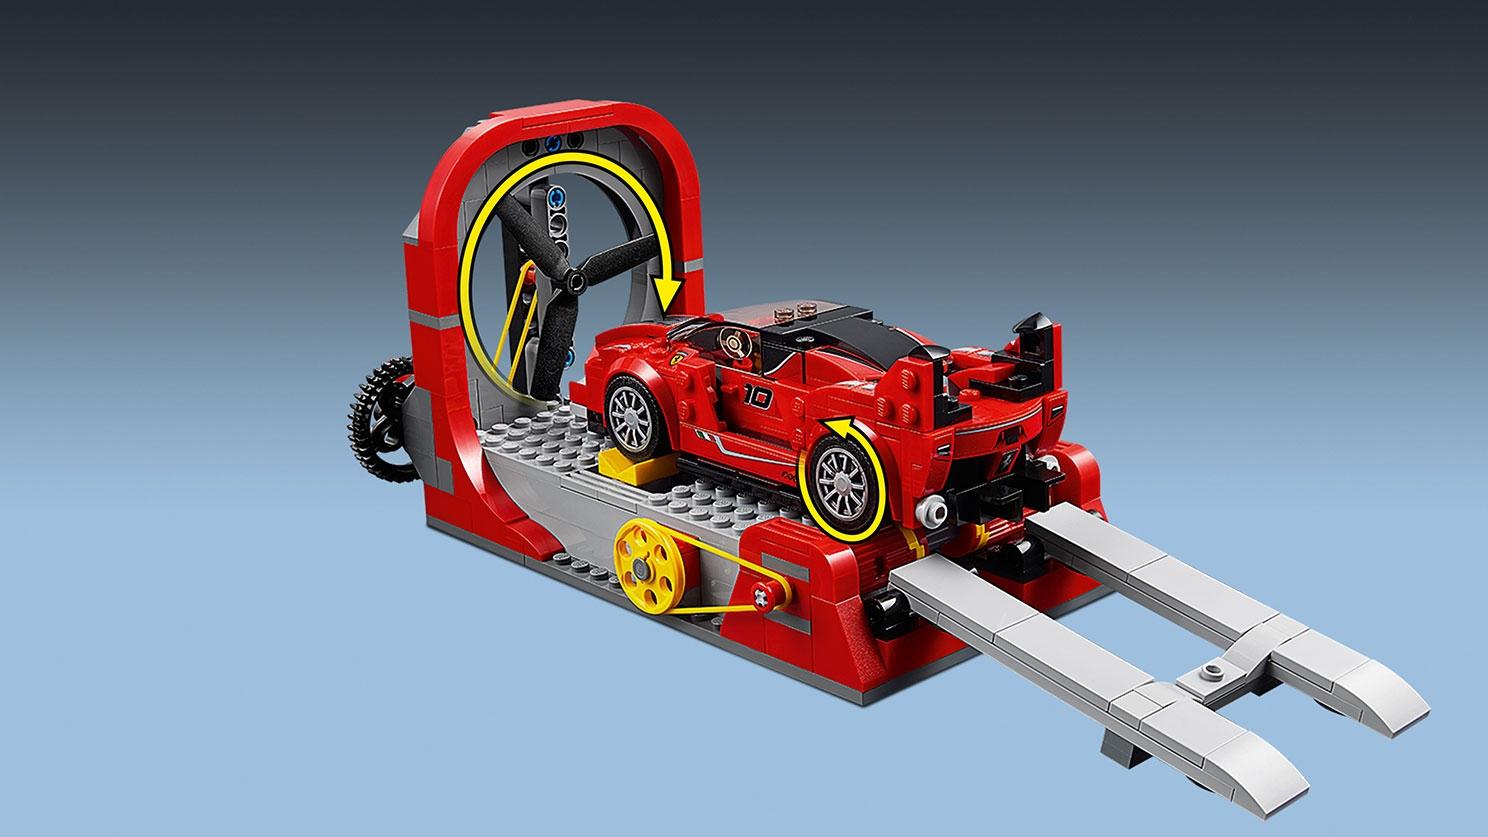 Ferrari Fxx K Entwicklungszentrum 75882 Lego Speed Champions Sets Lego Com Für Kinder